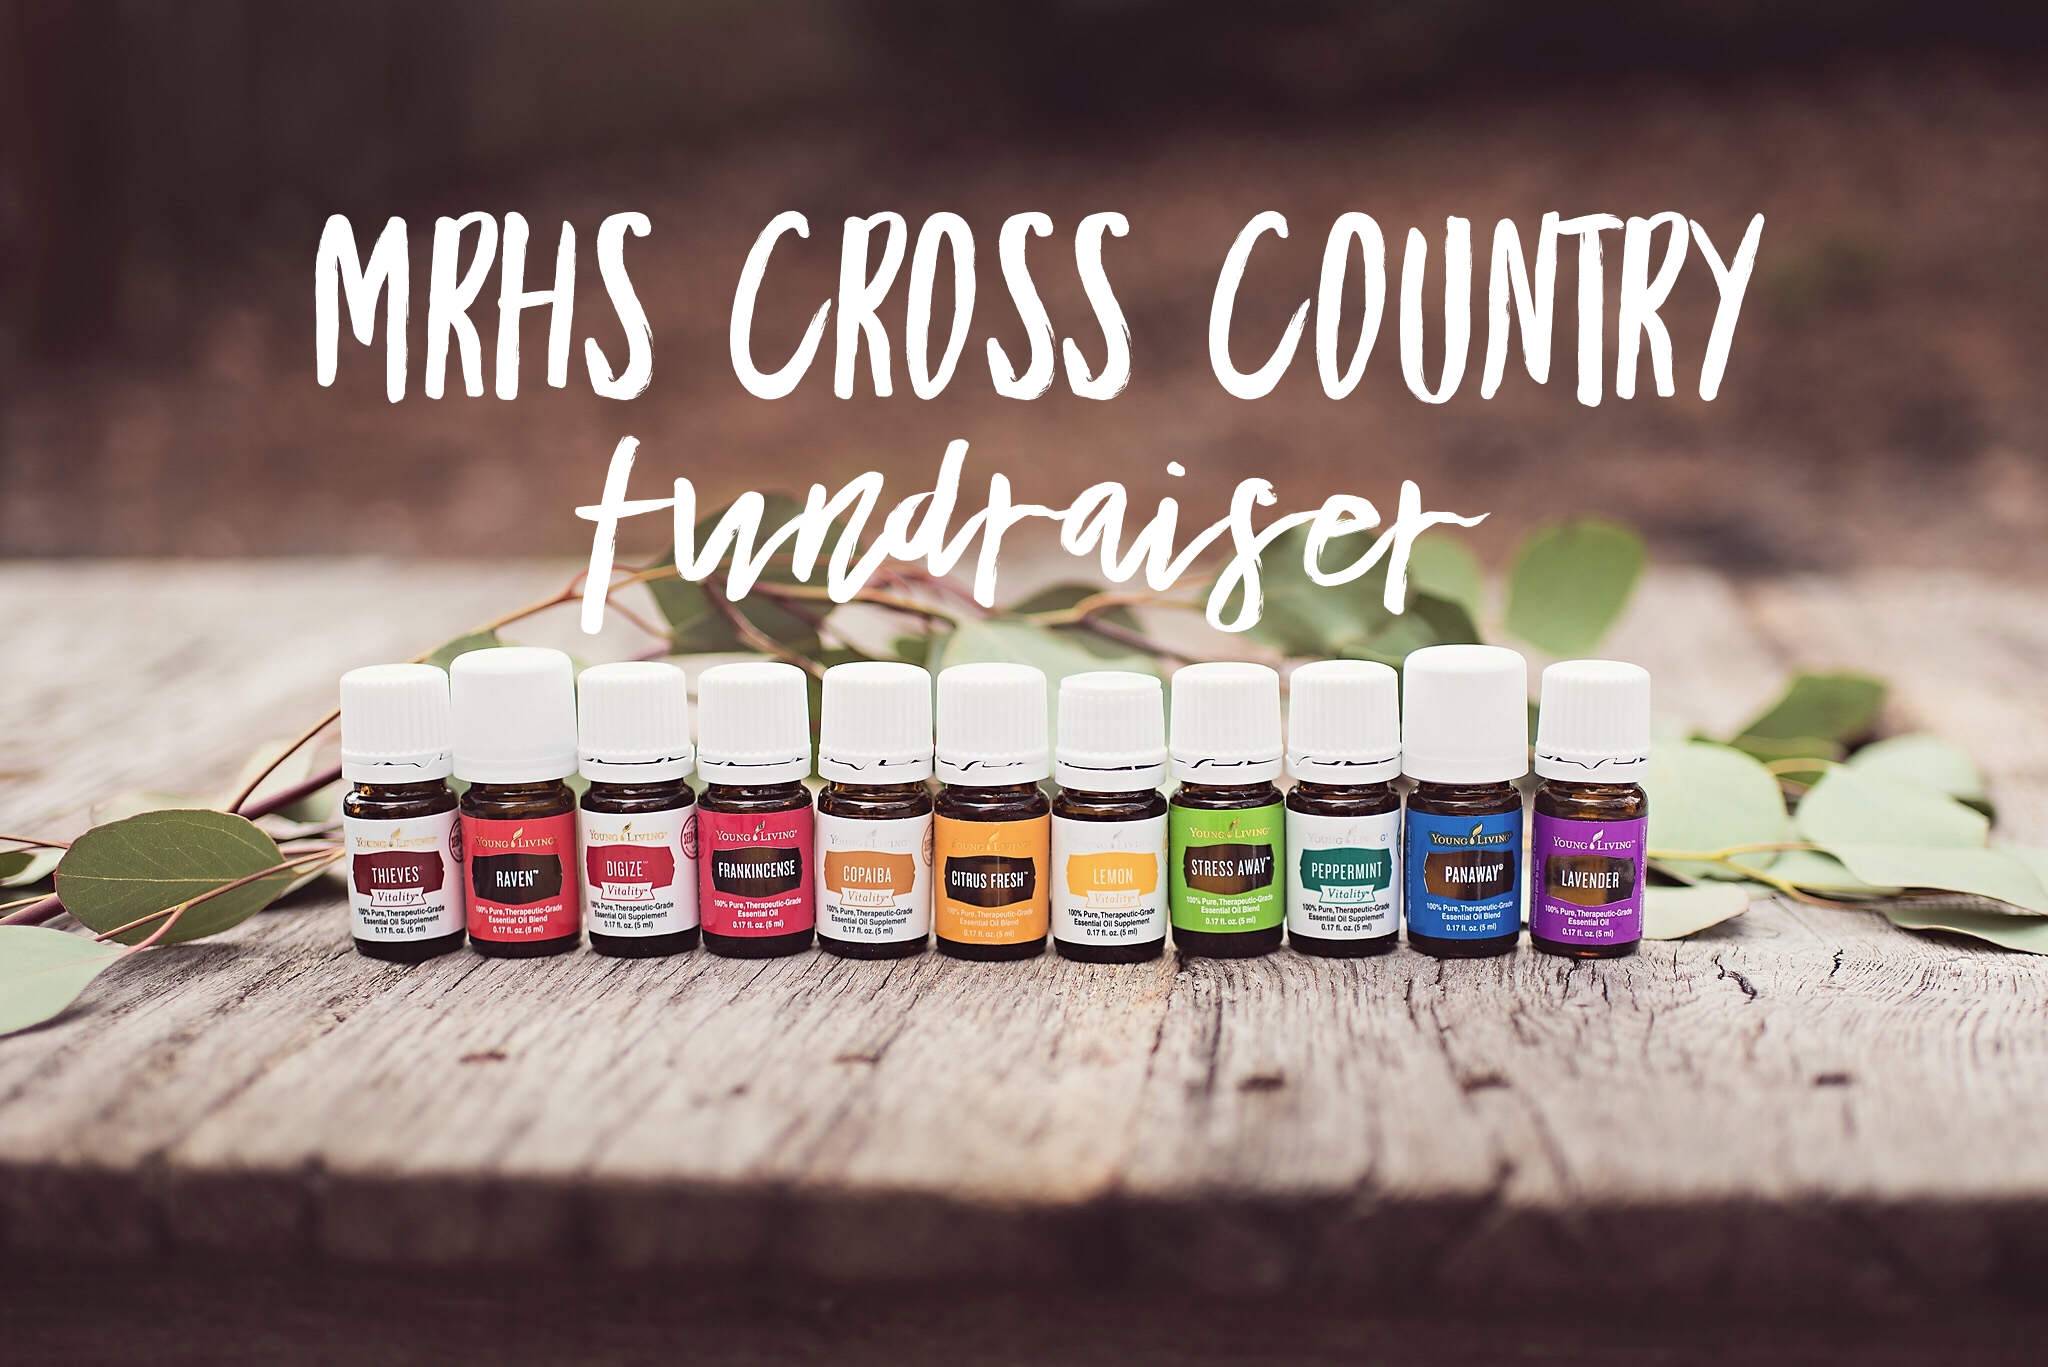 MRHSXC fundraiser